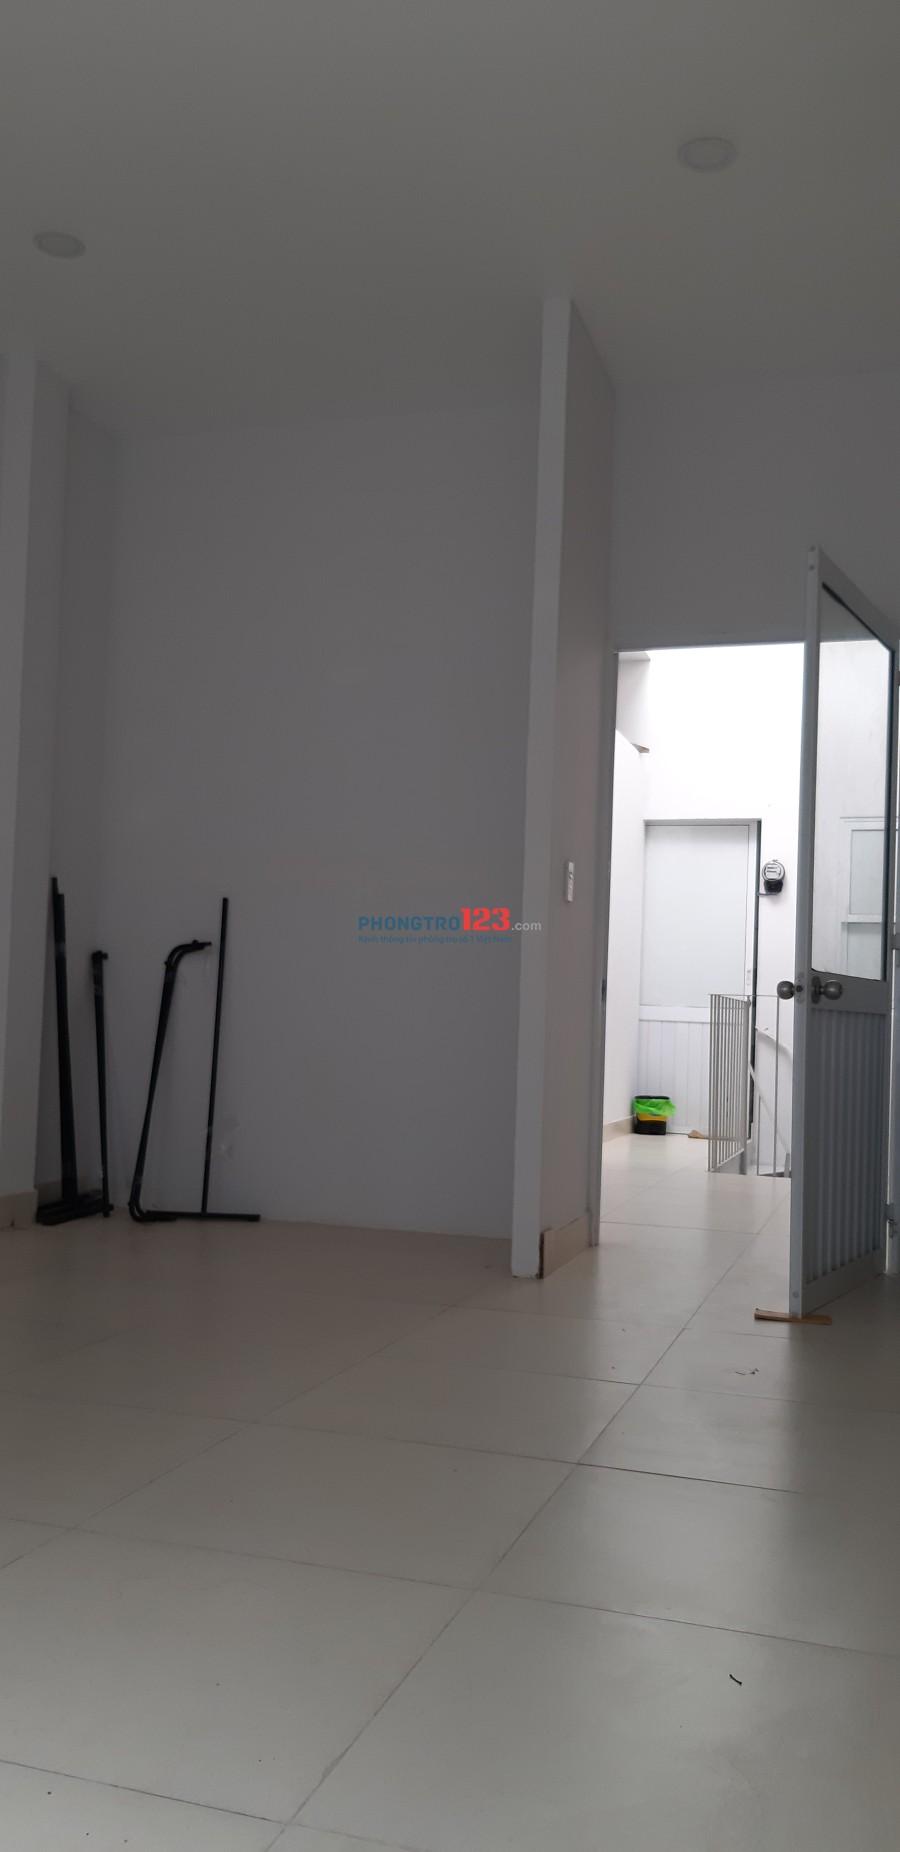 Phòng trọ để mở shop hoặc mở tiệm nail